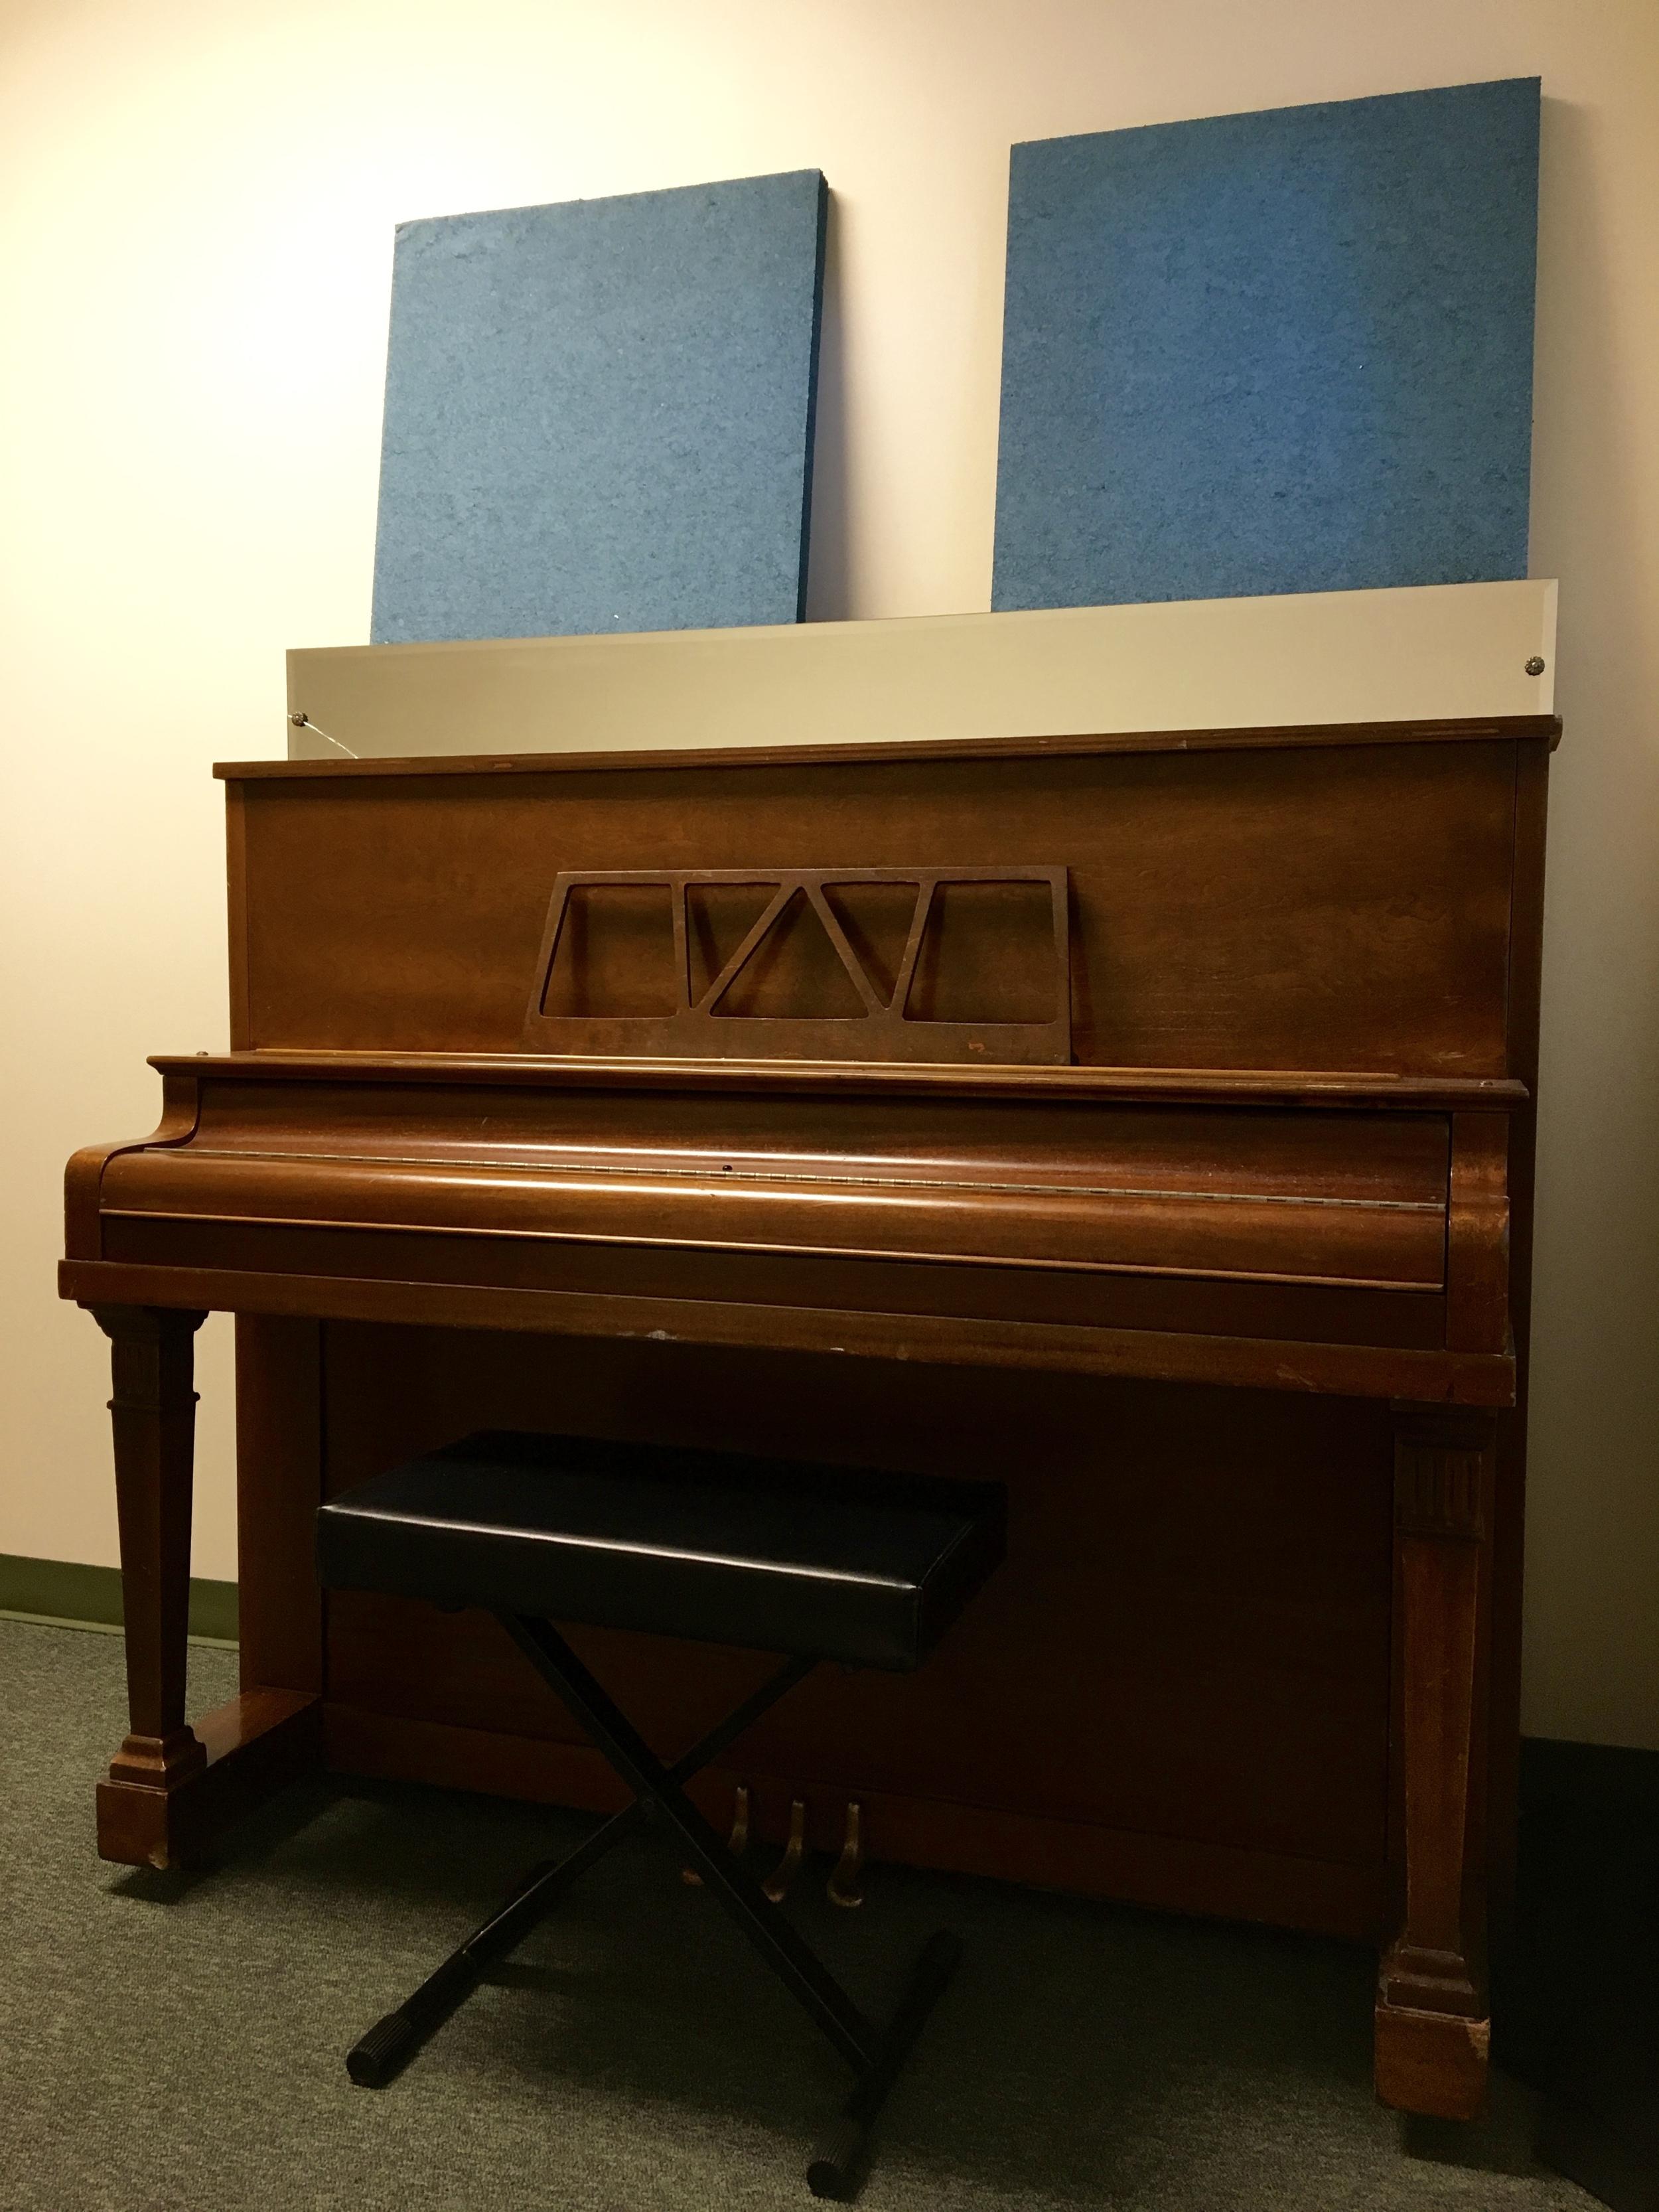 ROOM 1 UPRIGHT PIANO PROVIDED